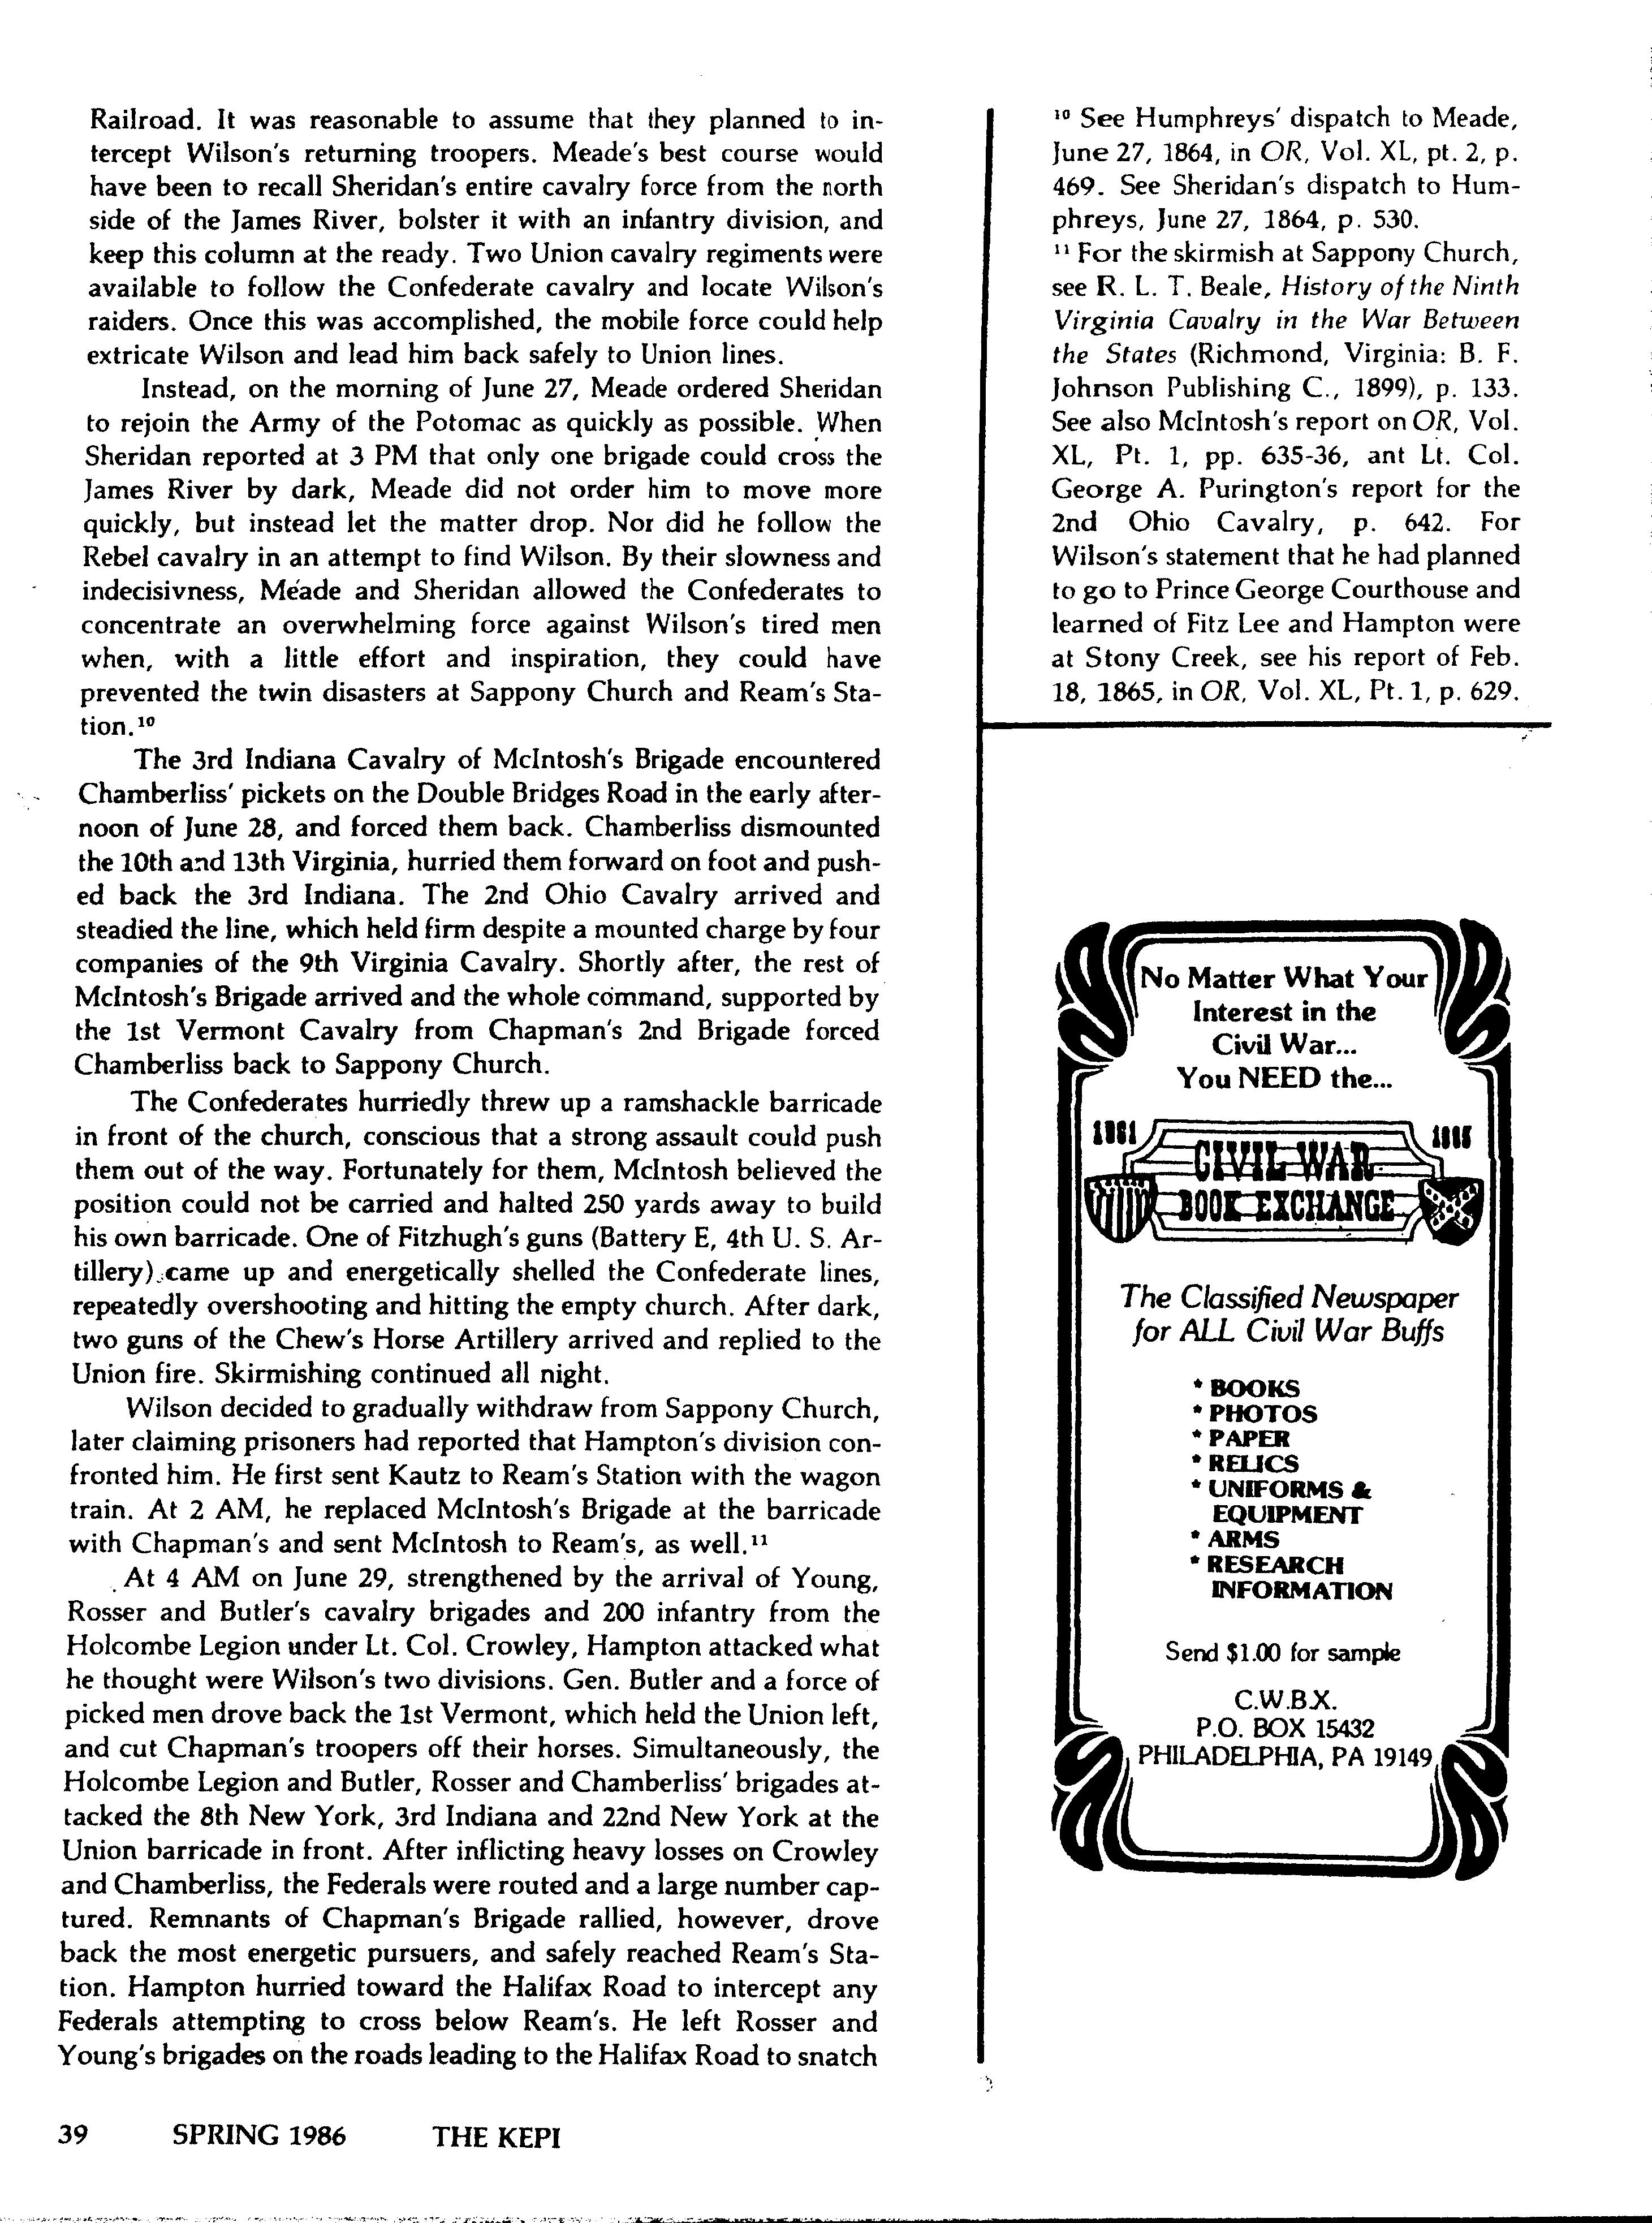 KepiV4N1Spring1986 WilsonKautzConfCas Pg39